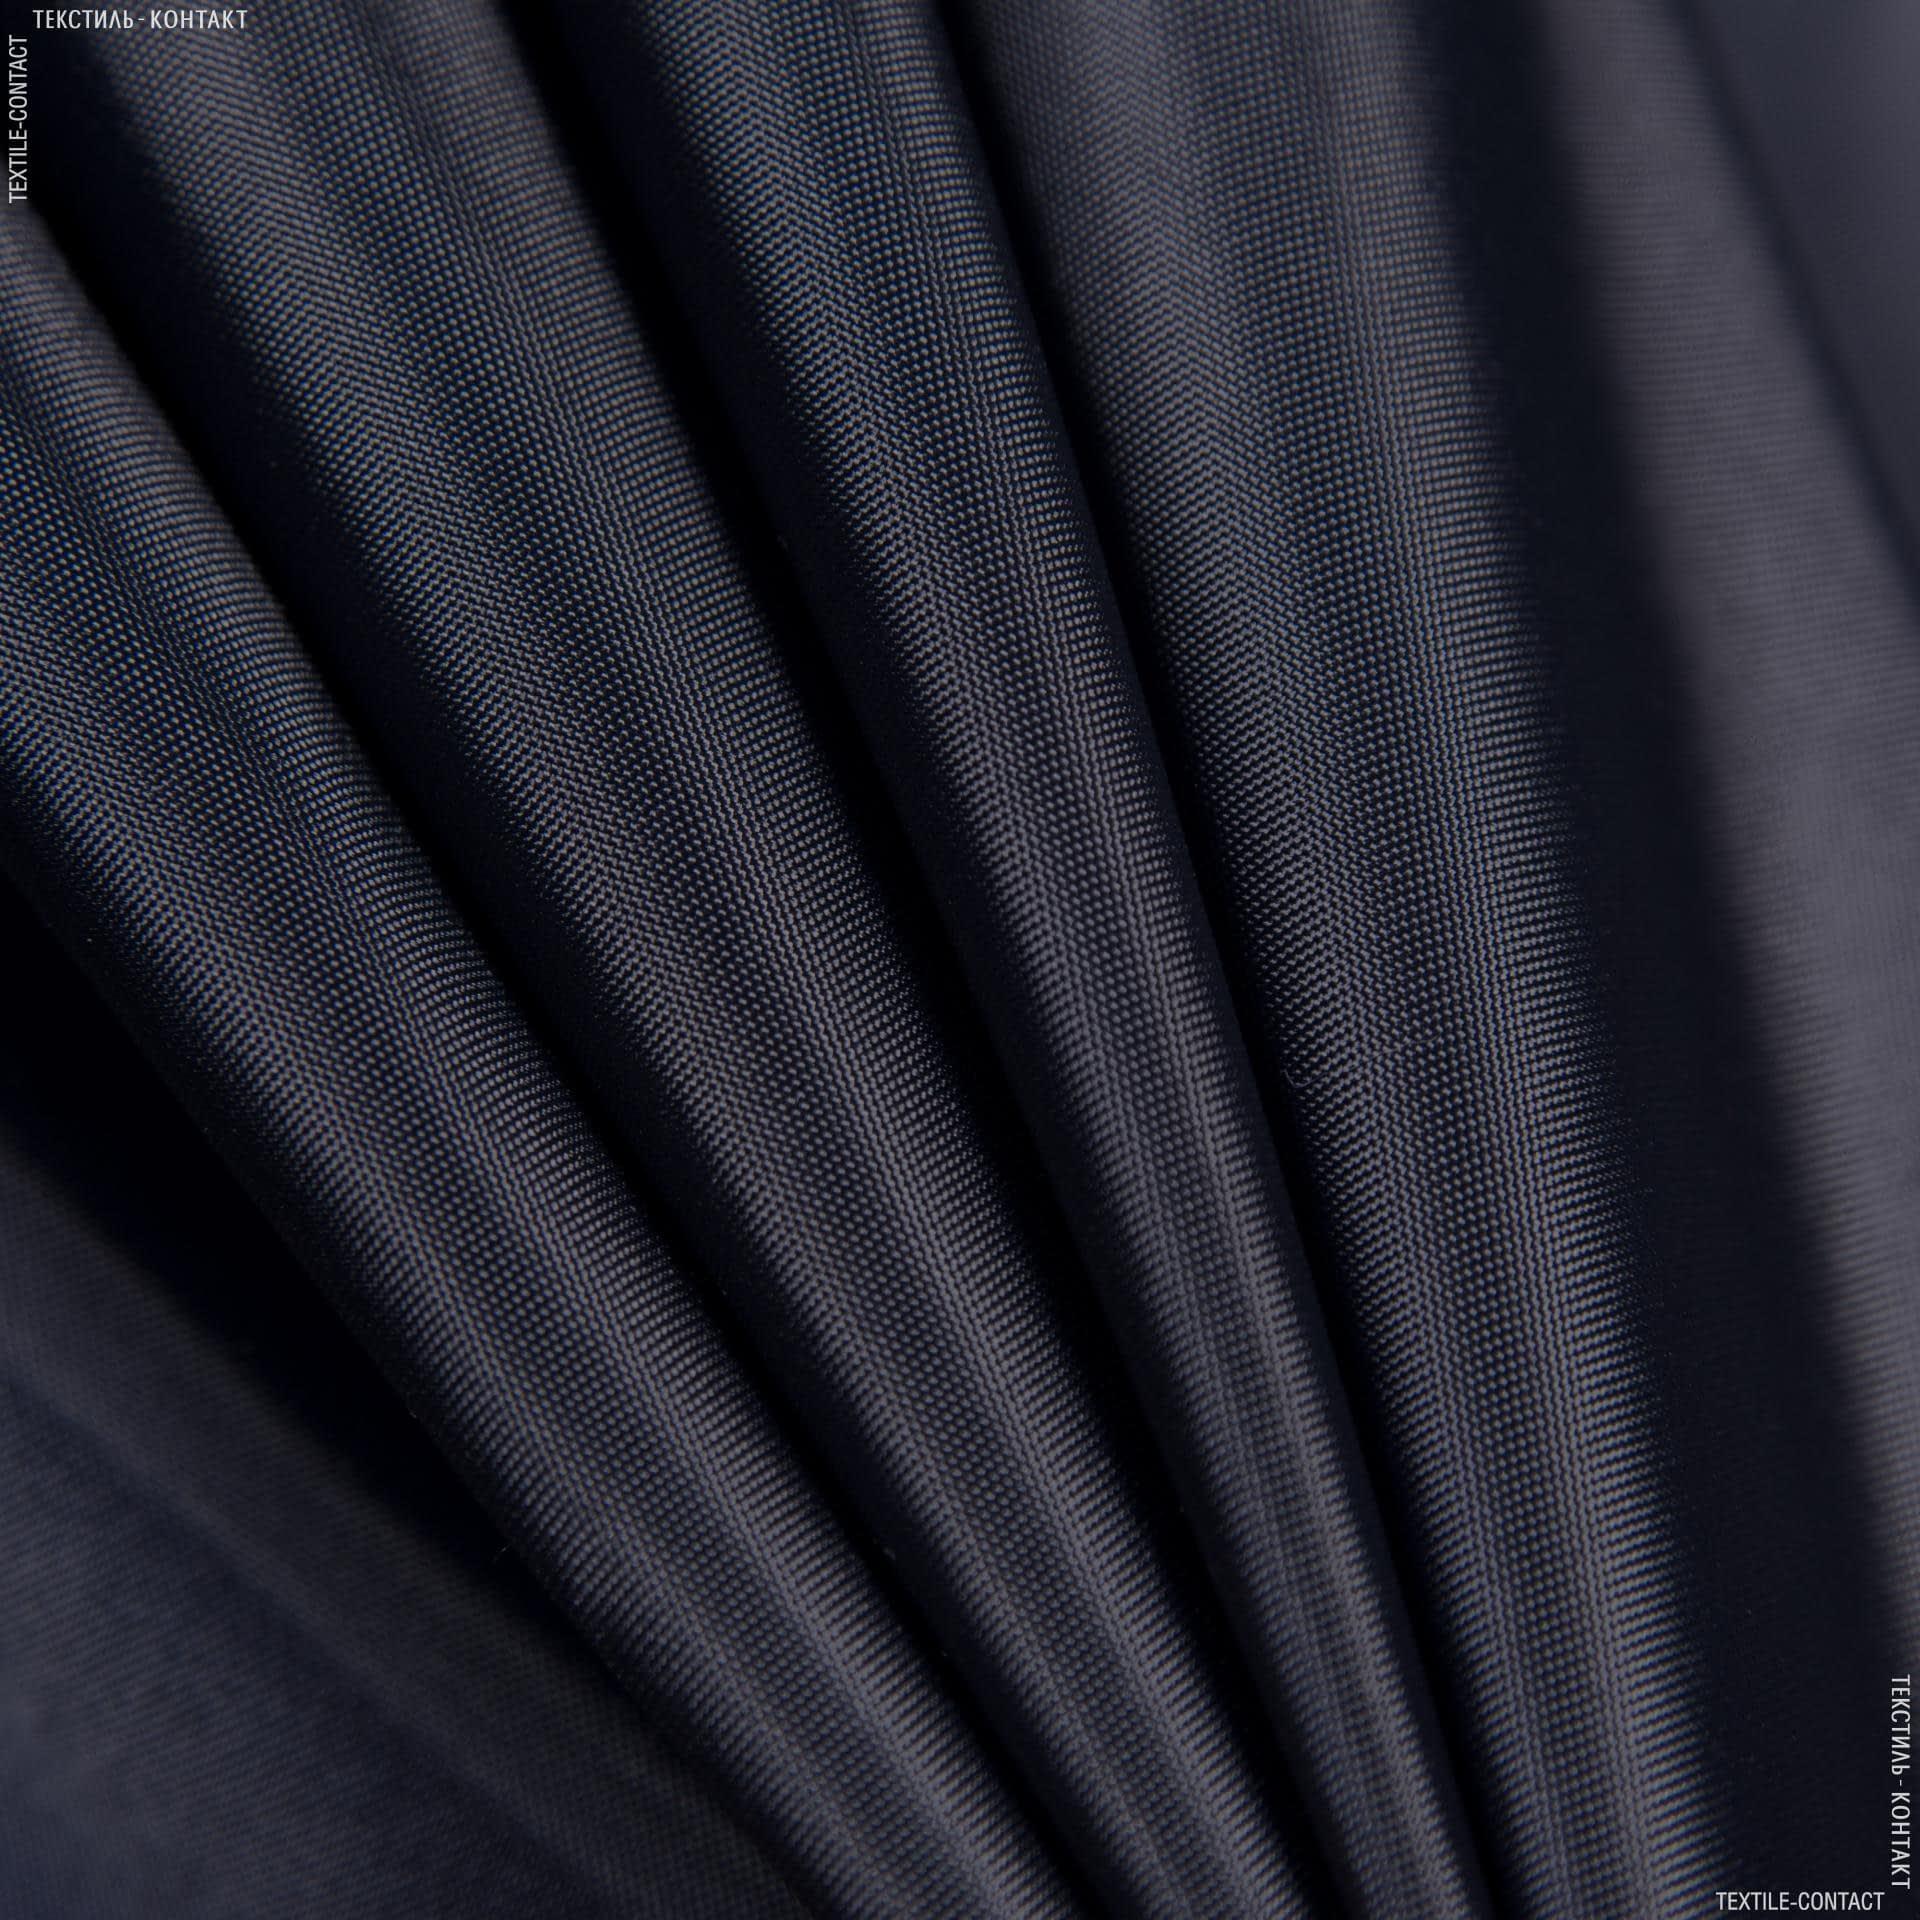 Тканини підкладкова тканина - Підкладка 190т кобальтовий